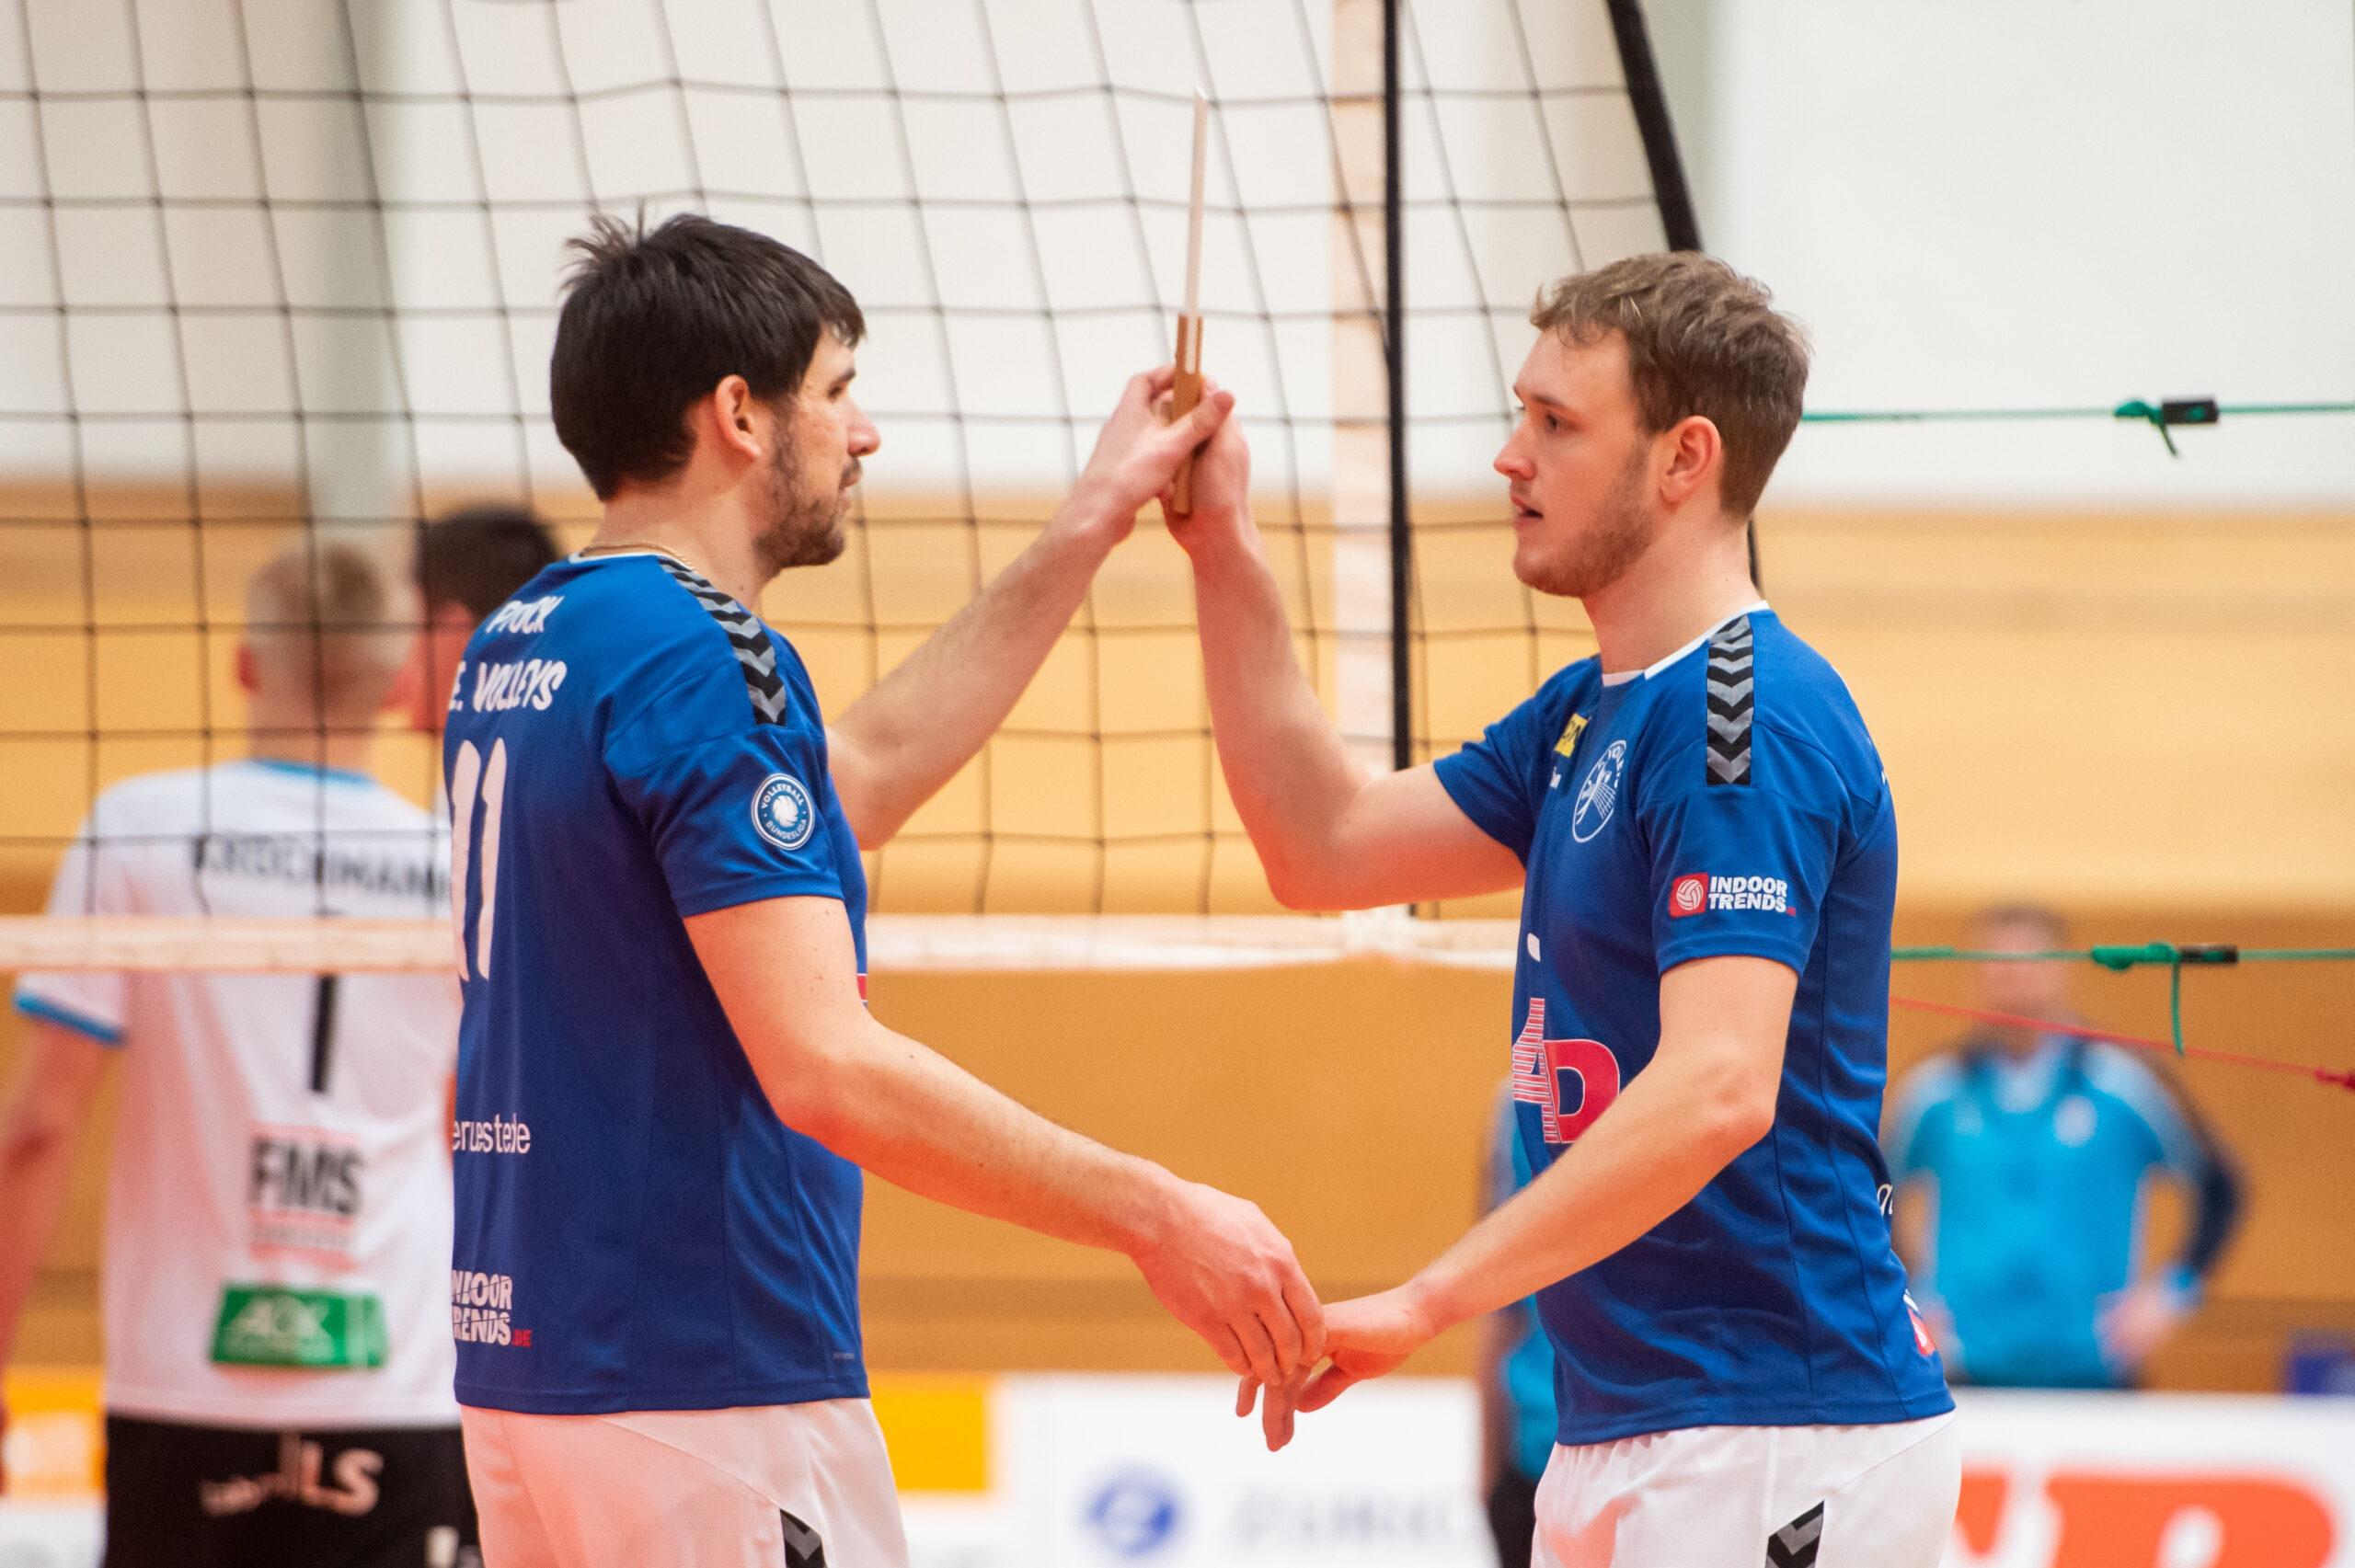 Jerome Ptock (Volleys #11), Niklas Karoos (Volleys #3)   L.E. Volleys Leipzig vs TV/DJK Hammelburg, Volleyball, 2.Liga, 20.03.2021